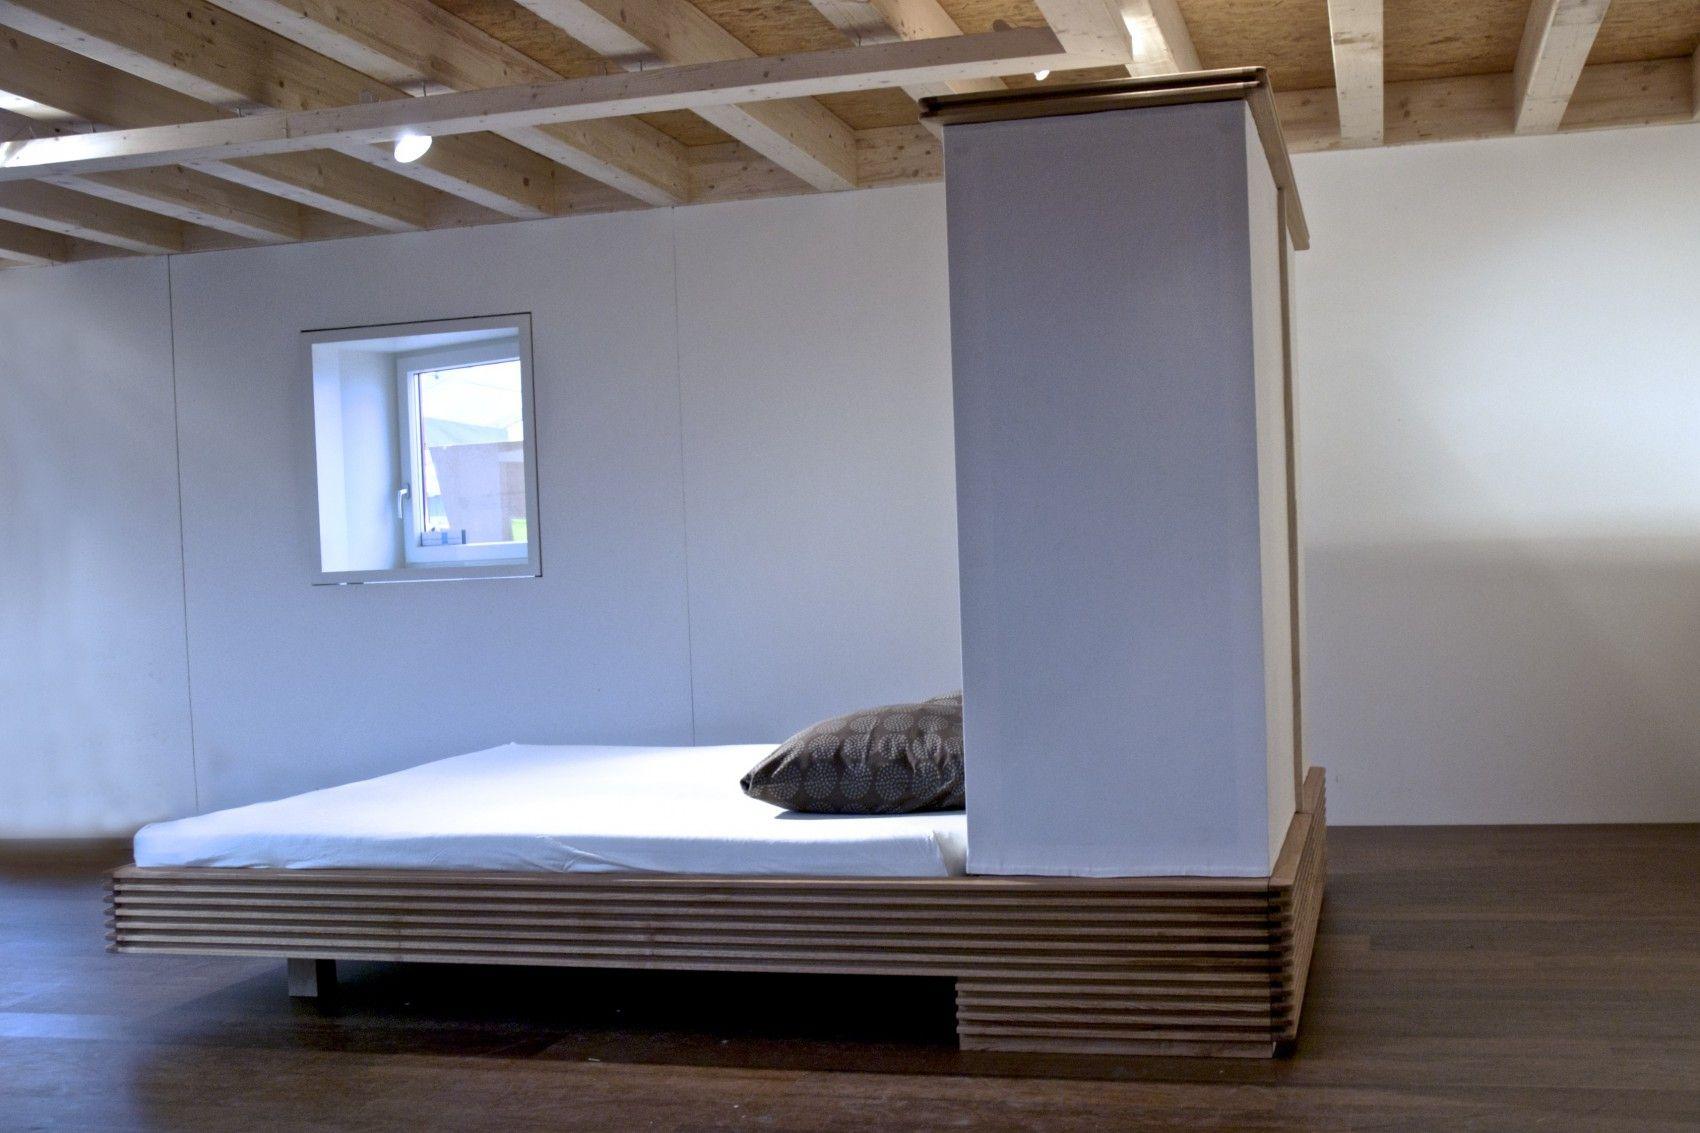 Full Size of Schrankbett 180x200 Ikea Bett Schrank 160x200 Apartment Küche Kosten Mit Schubladen Komplett Lattenrost Und Matratze Weiß Bettkasten Miniküche Betten Wohnzimmer Schrankbett 180x200 Ikea